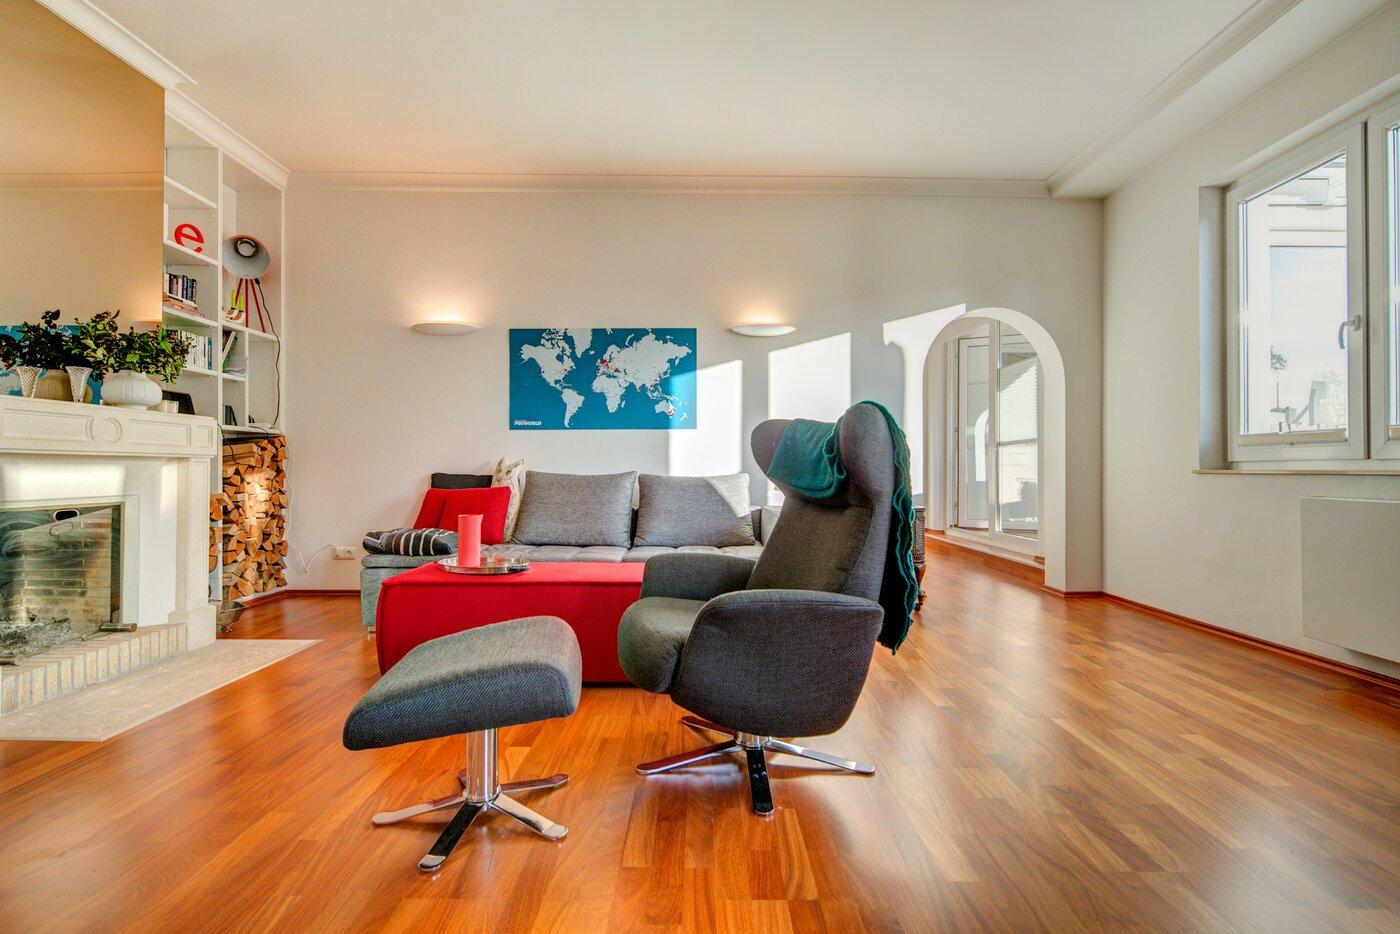 3 5 habitaciones piso amueblado parquet m nich solln for Piso 5 habitaciones